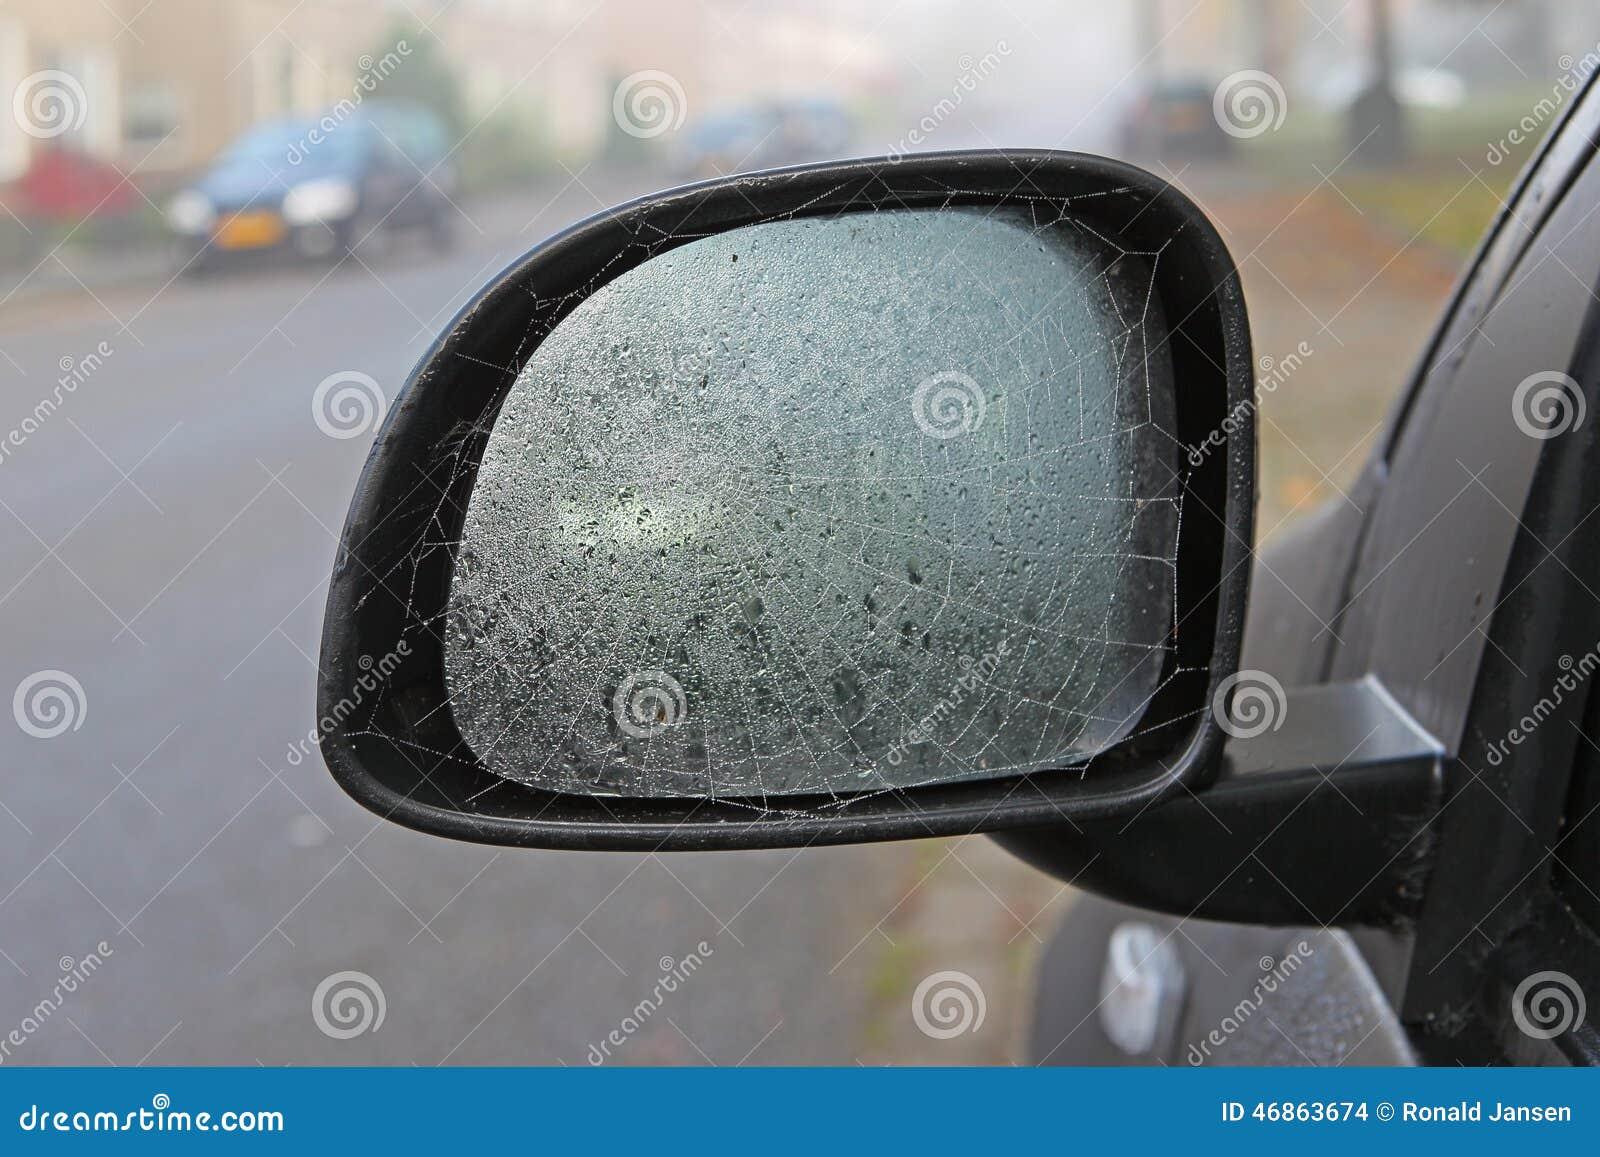 Toile d 39 araign e sur un miroir de voiture photo stock for Miroir pour voiture